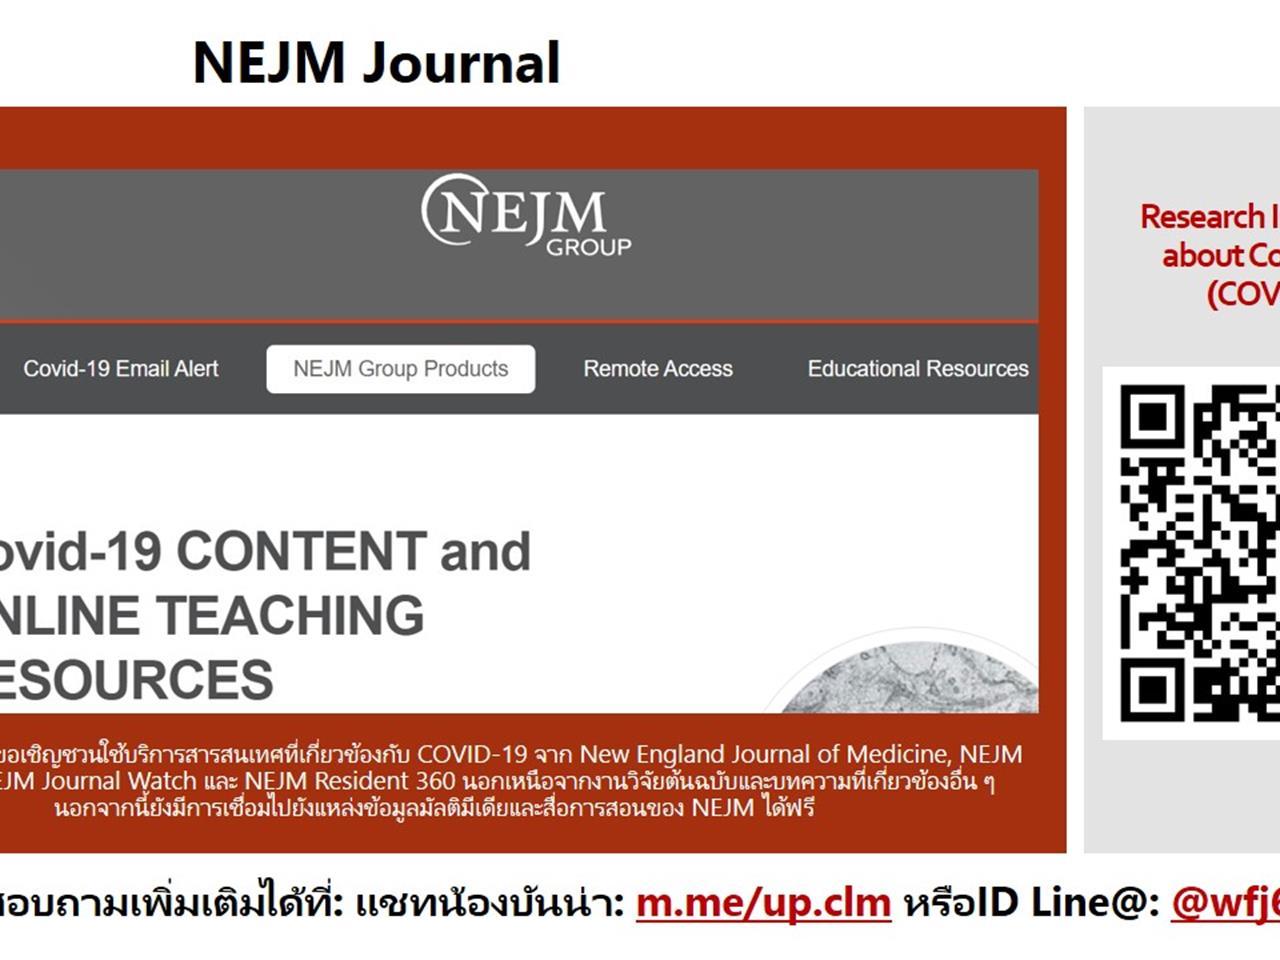 ศูนย์บรรณสารและการเรียนรู้ ขอเชิญชวนเข้าใช้บริการสืบค้นงานวิจัยจาก NEJM Group